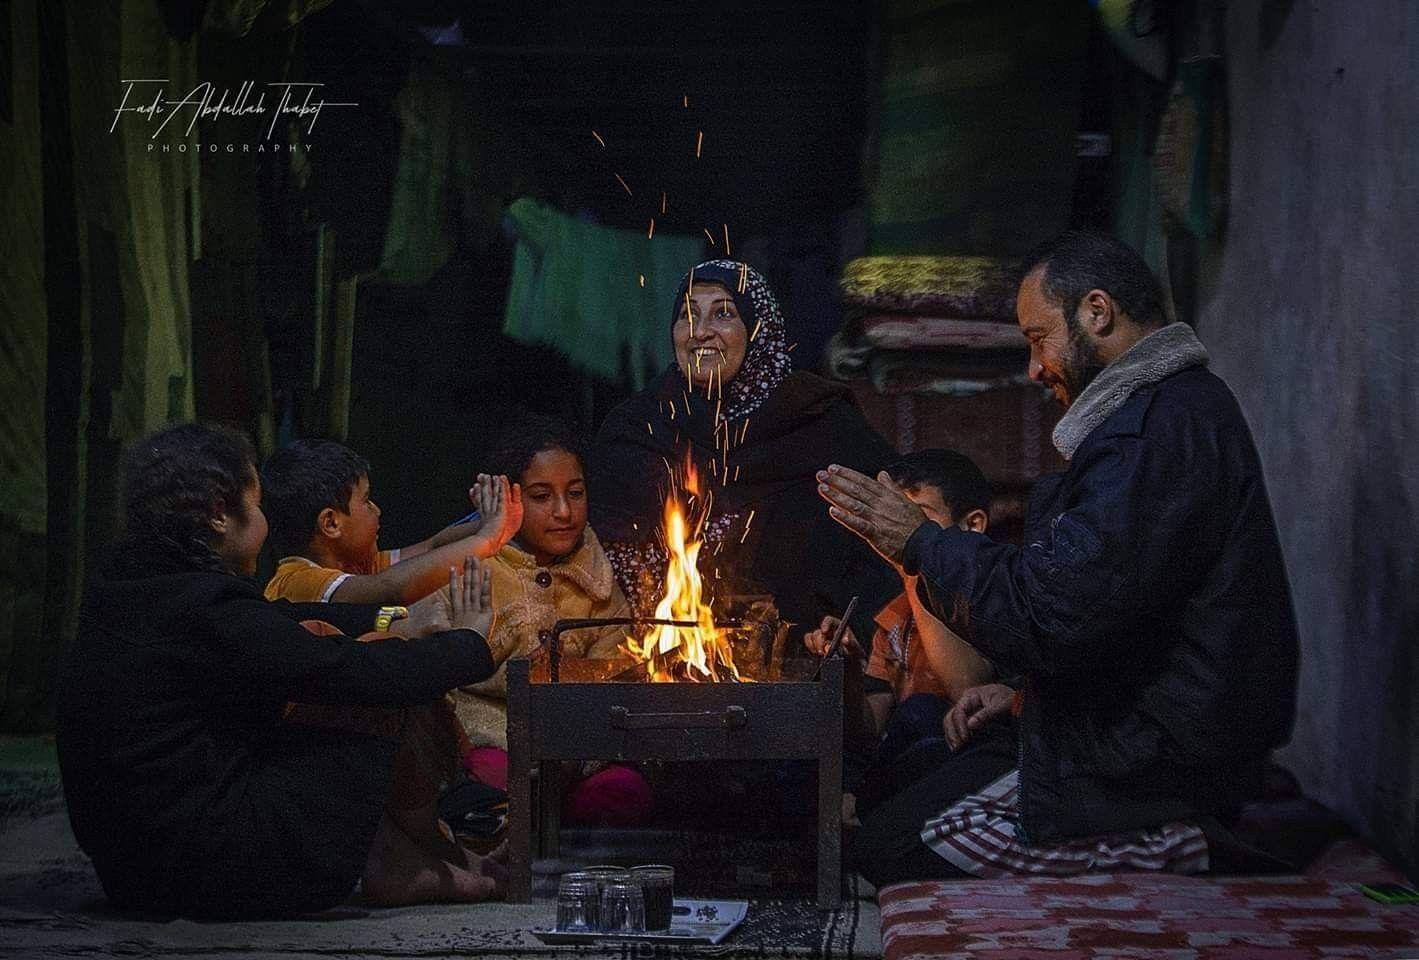 أجواء الشتاء في غزة المحاصرة عائلة فلسطينة من مخيم خانيونس جنوب قطاع غزة تجلس حول الكانون تصوير فادي ثابت Art Painting Palestine